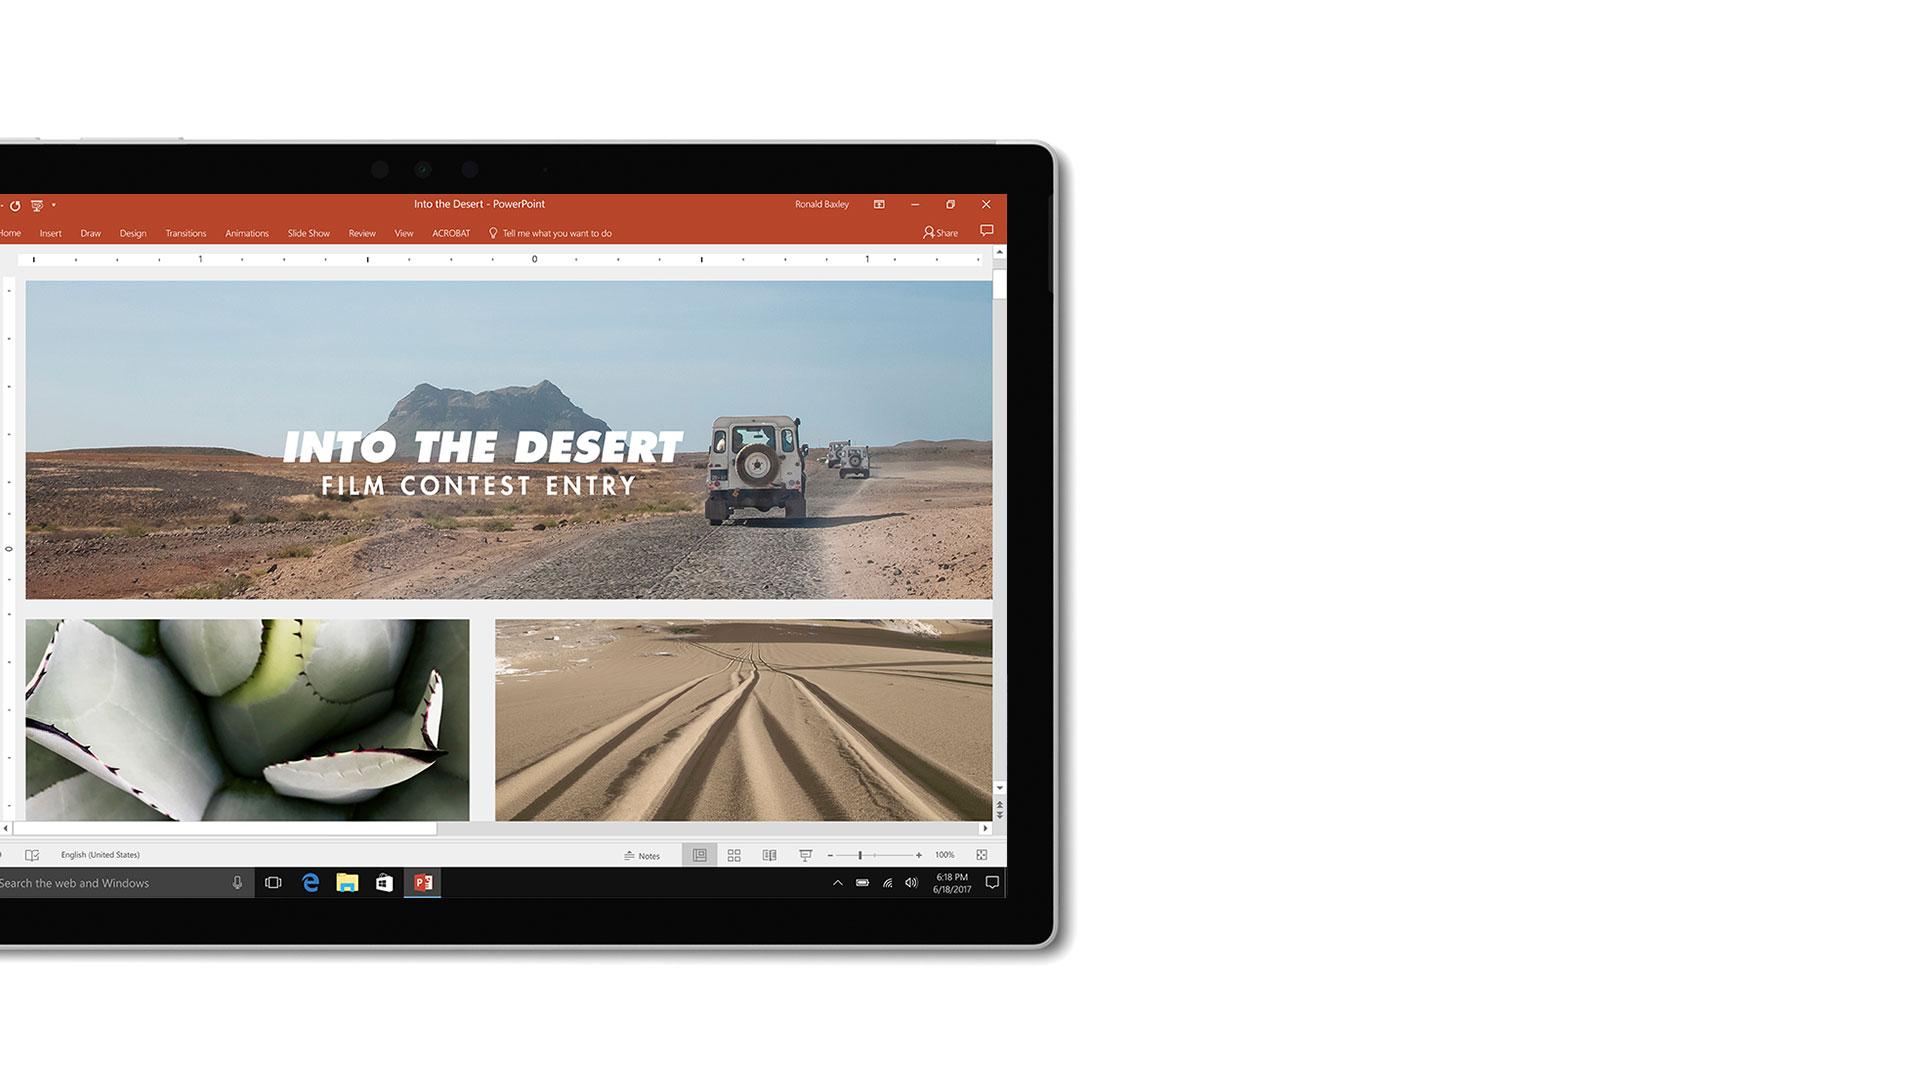 Bilde av brukergrensesnittet i Microsoft PowerPoint